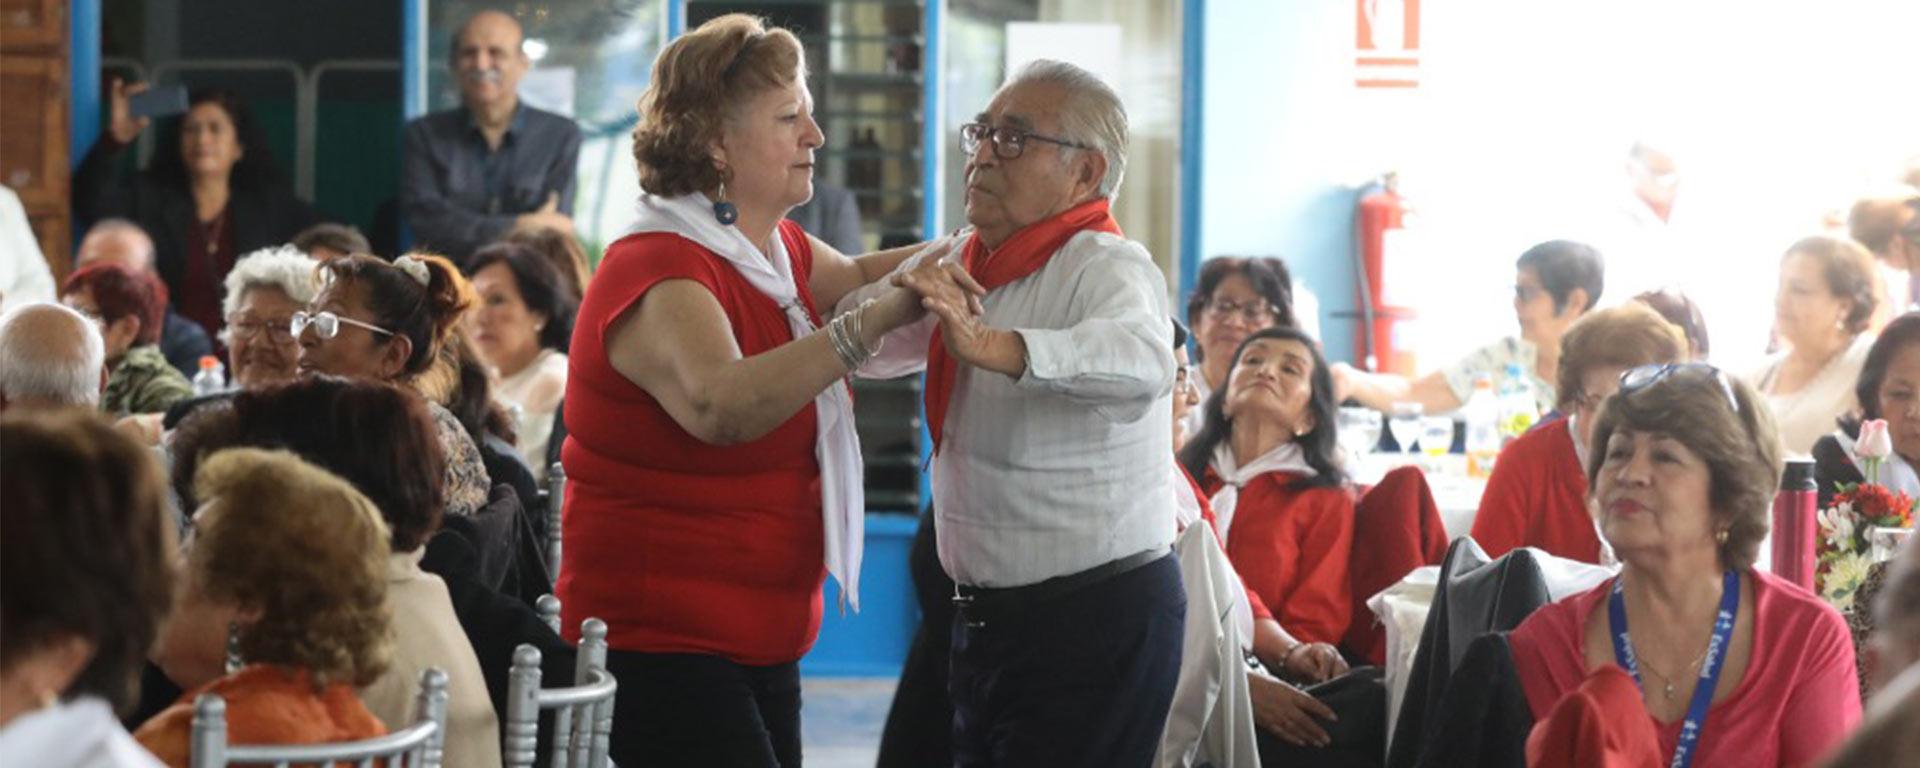 Essalud - Con guitarra y cajón adultos mayores de EsSalud celebran Día de la Canción Criolla